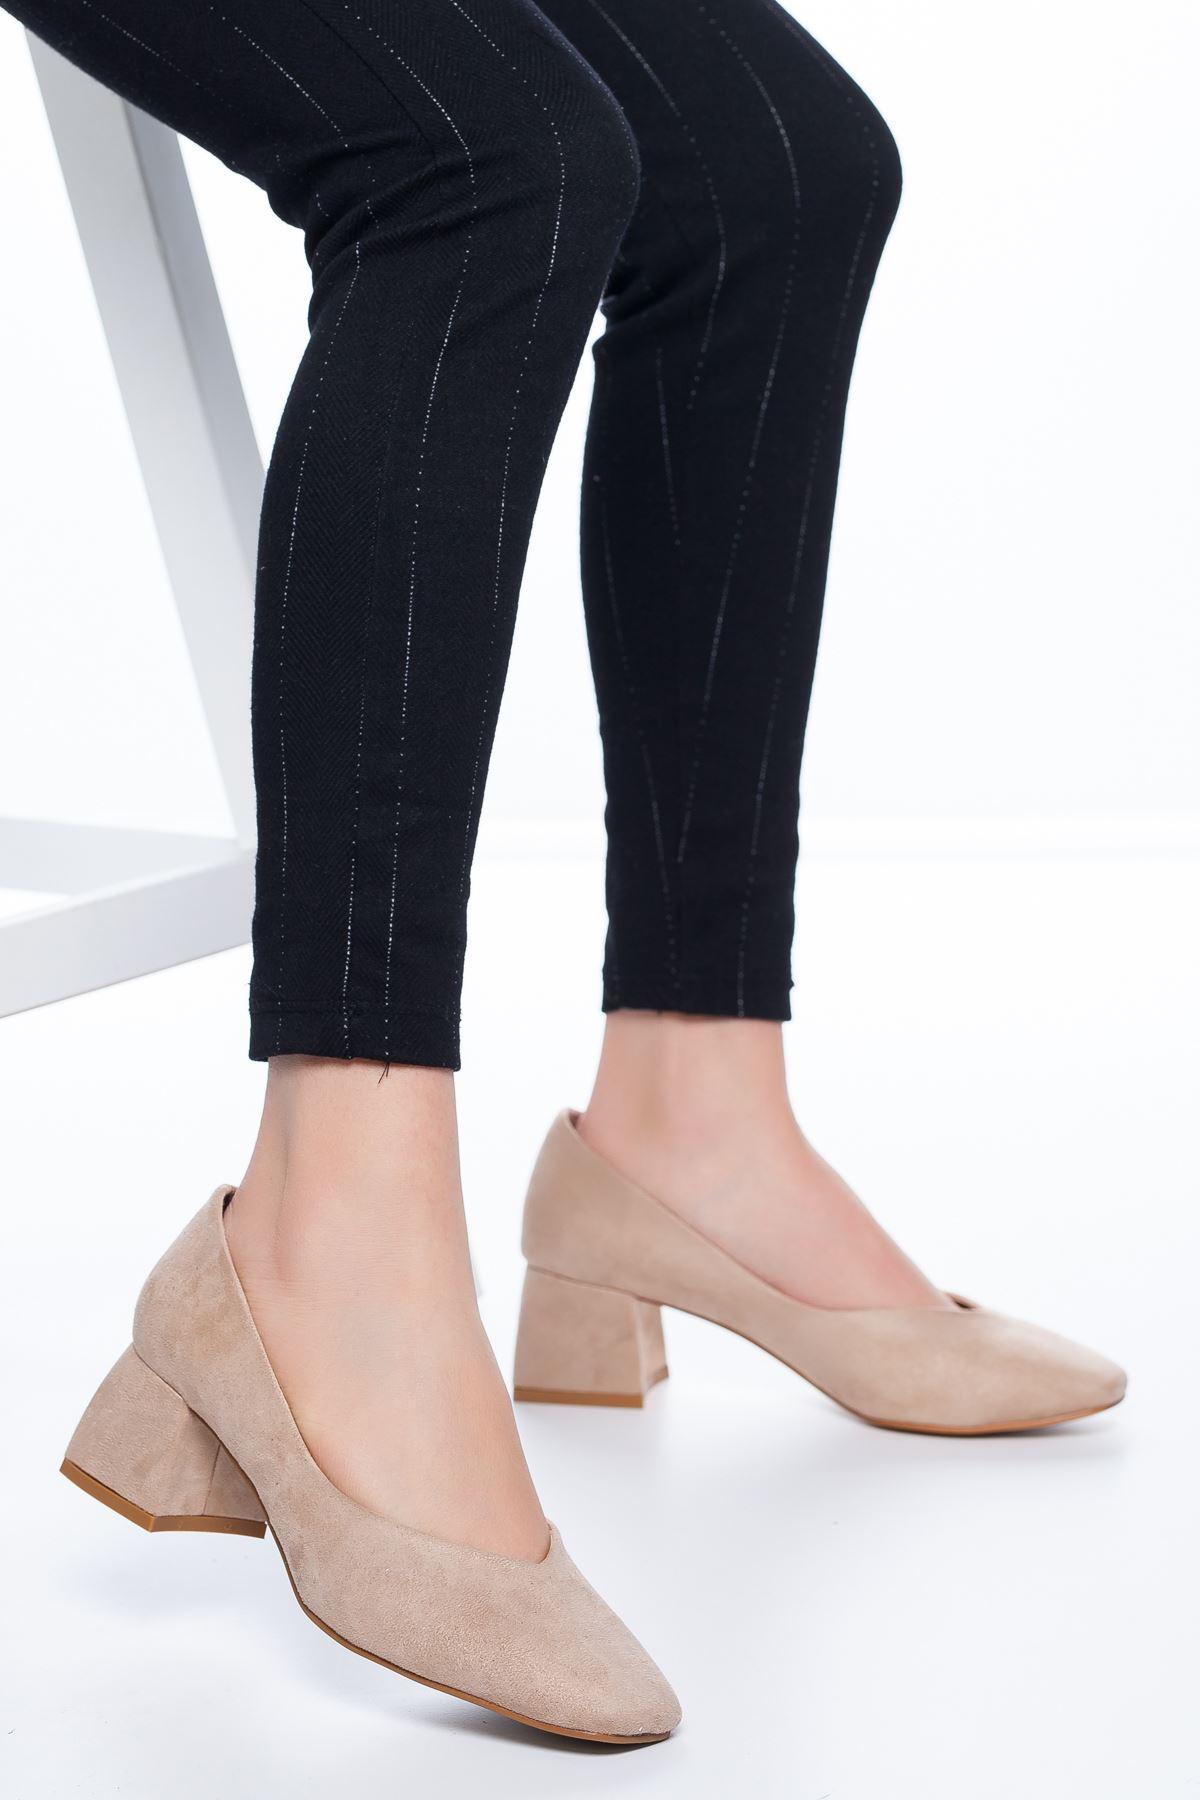 Adela Küt Burun Topuklu Süet Ayakkabı Ten